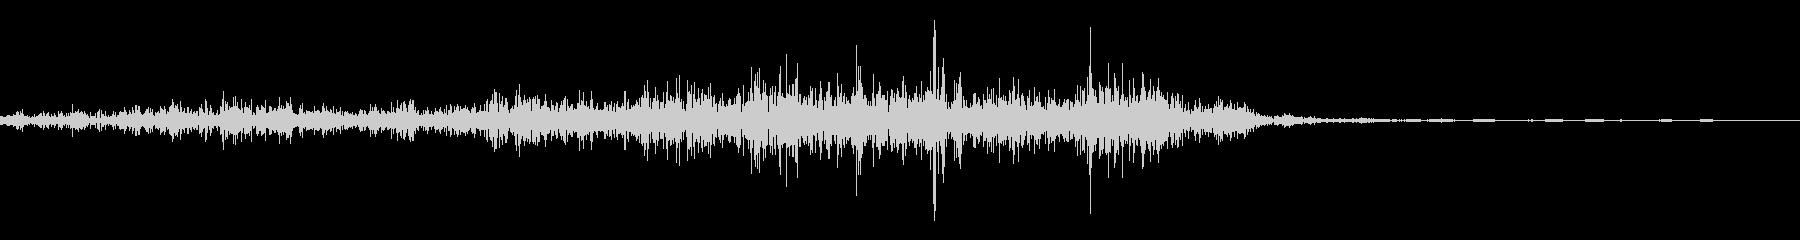 紙を破る音(スワイプ、カードドロー)の未再生の波形